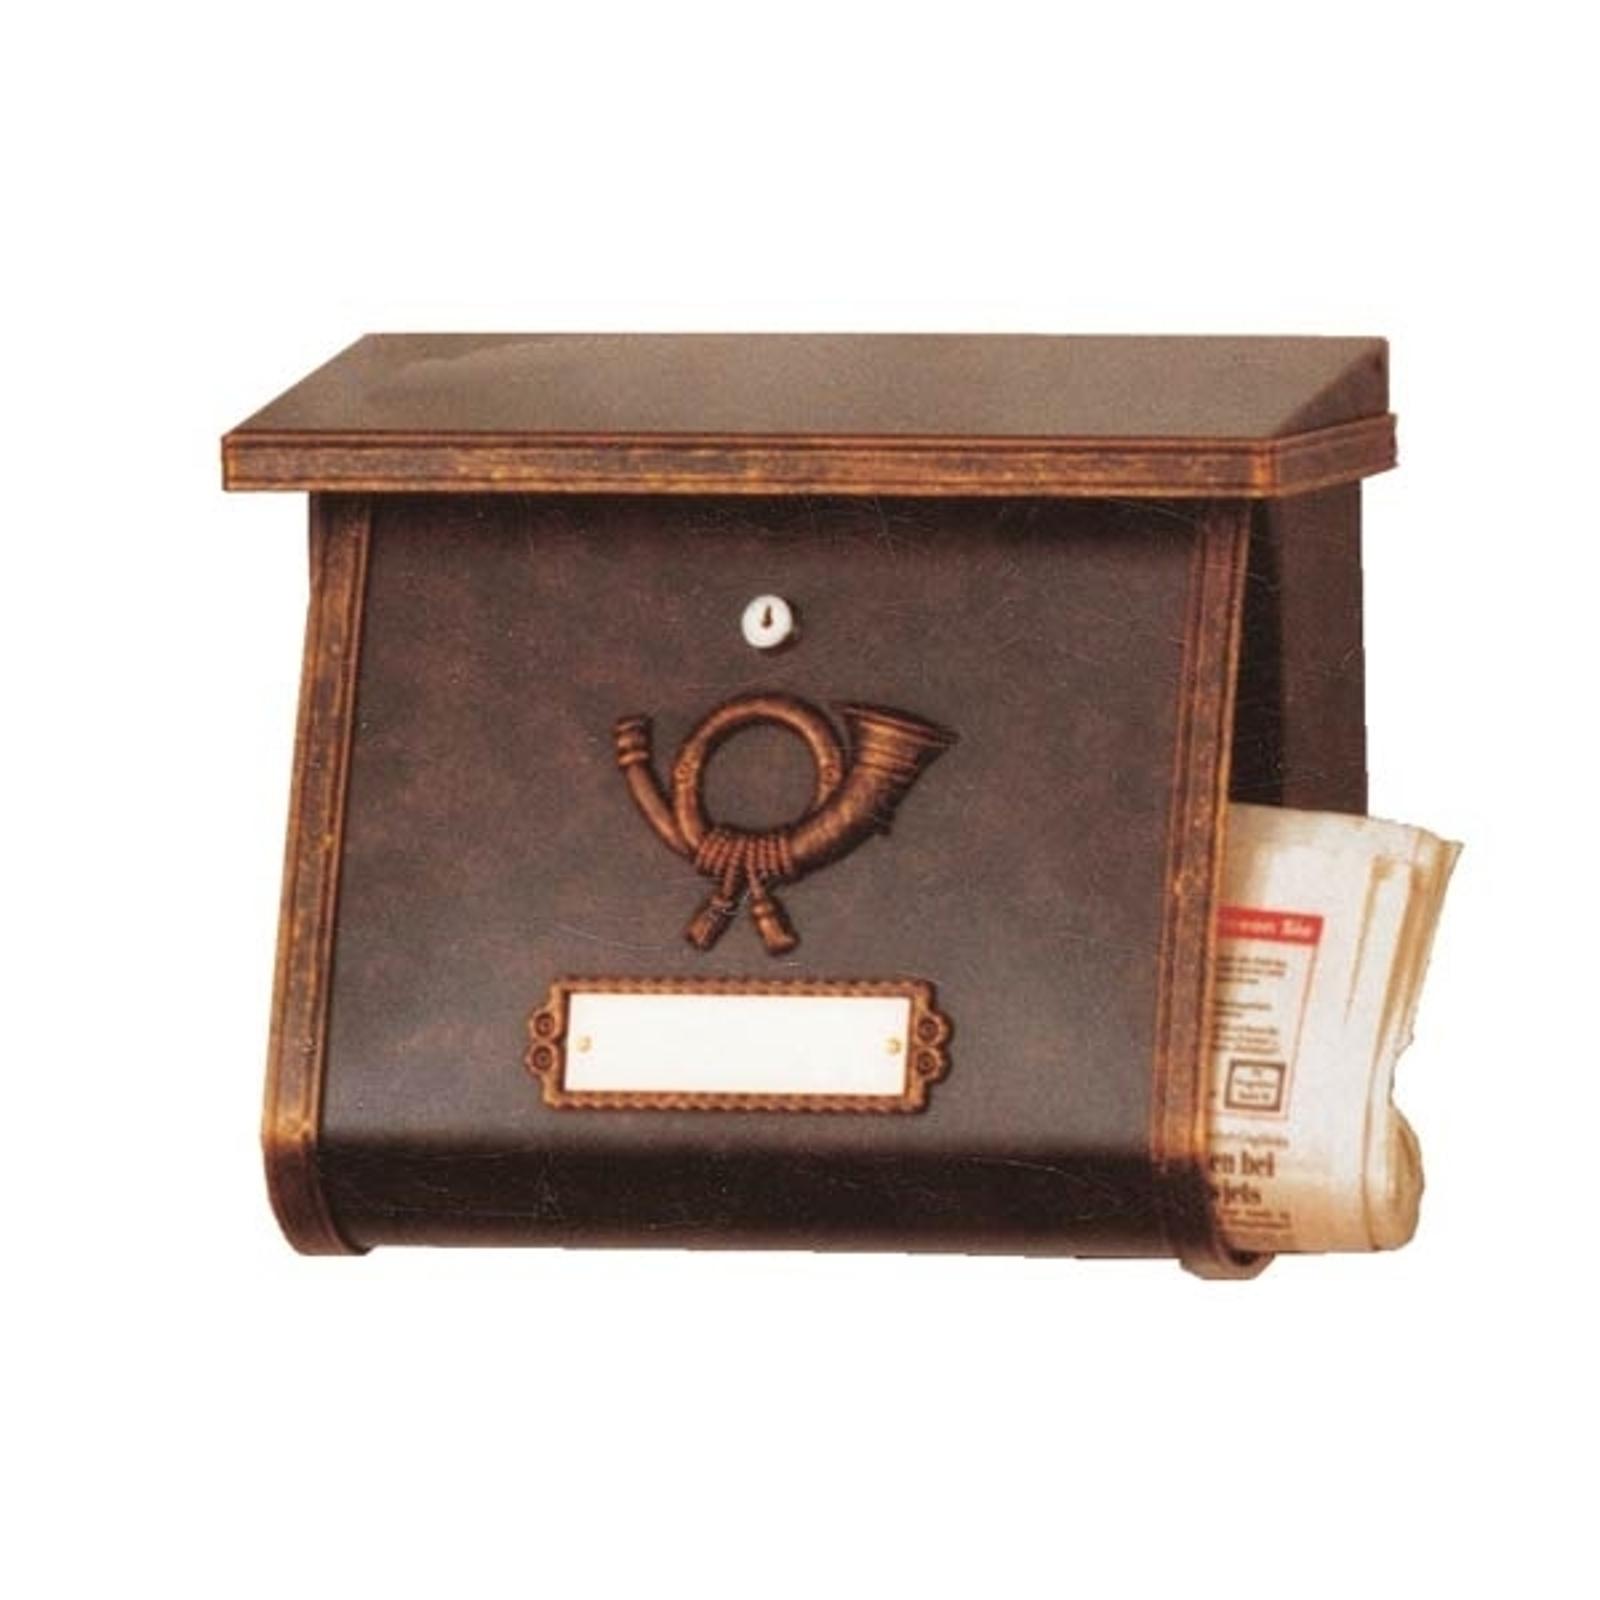 Lækker MULPI postkasse i brunt og guld